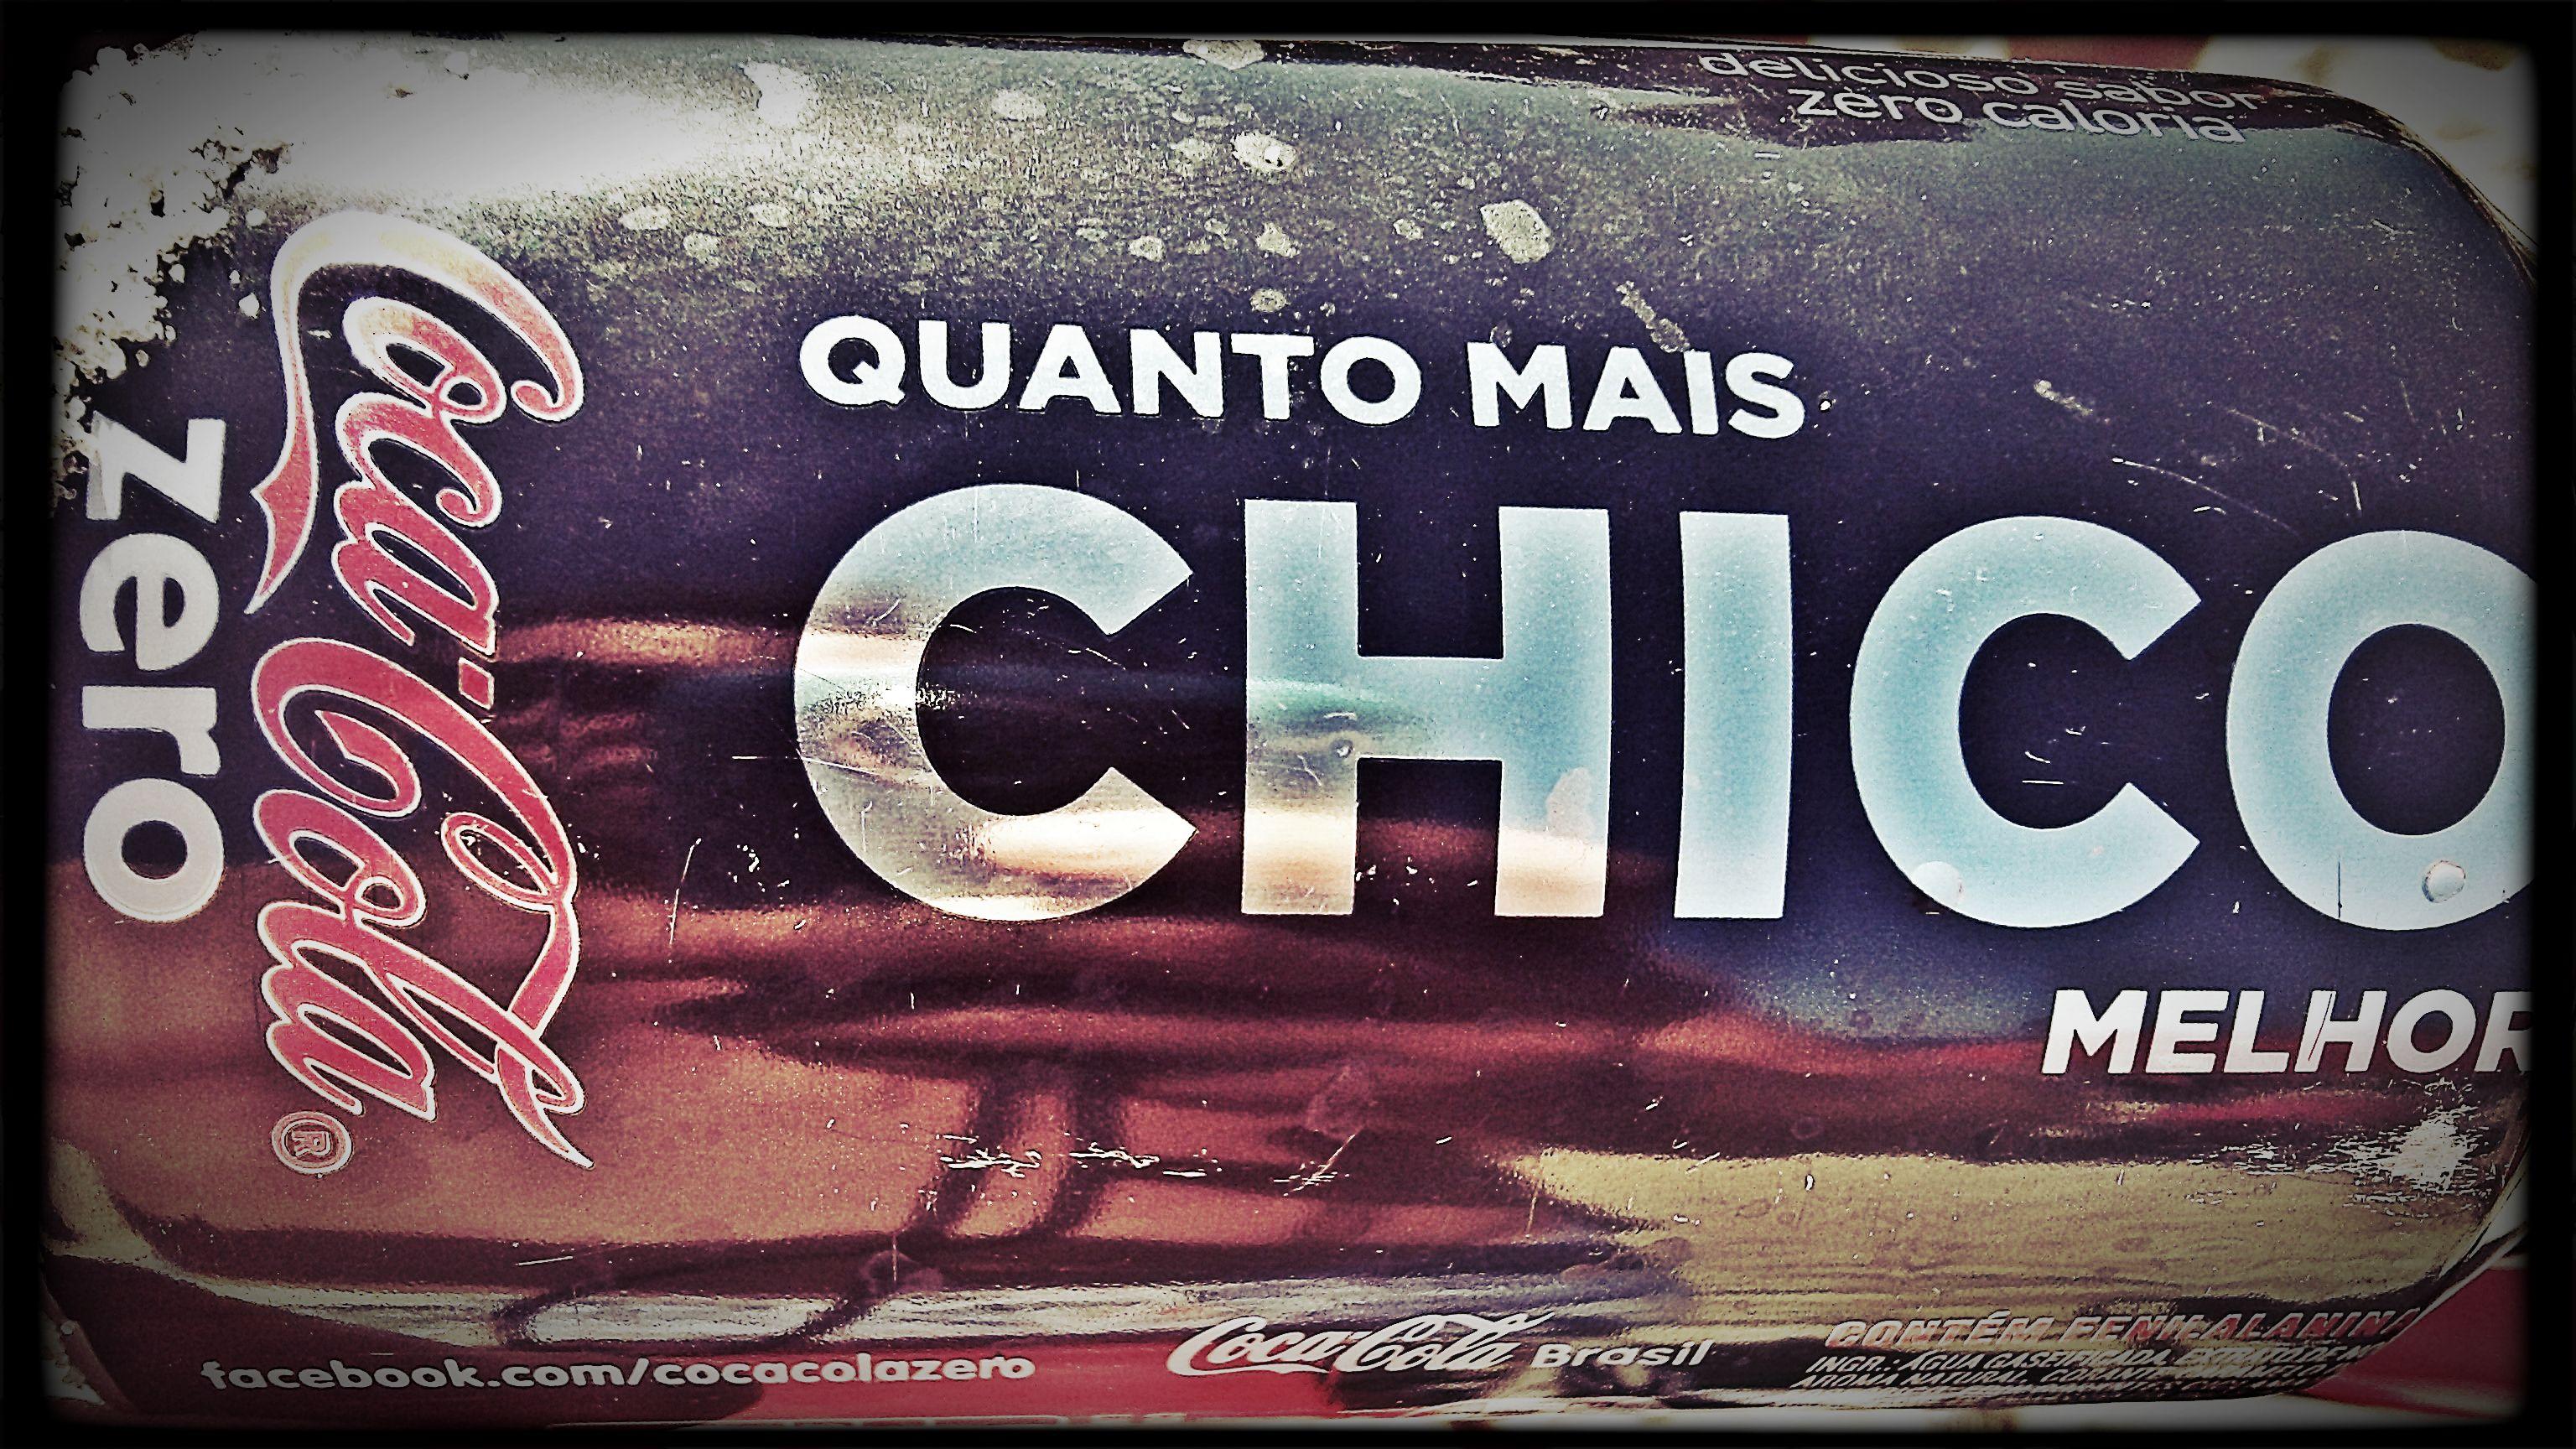 Voce Acreidta?? #RioDeJaneiro